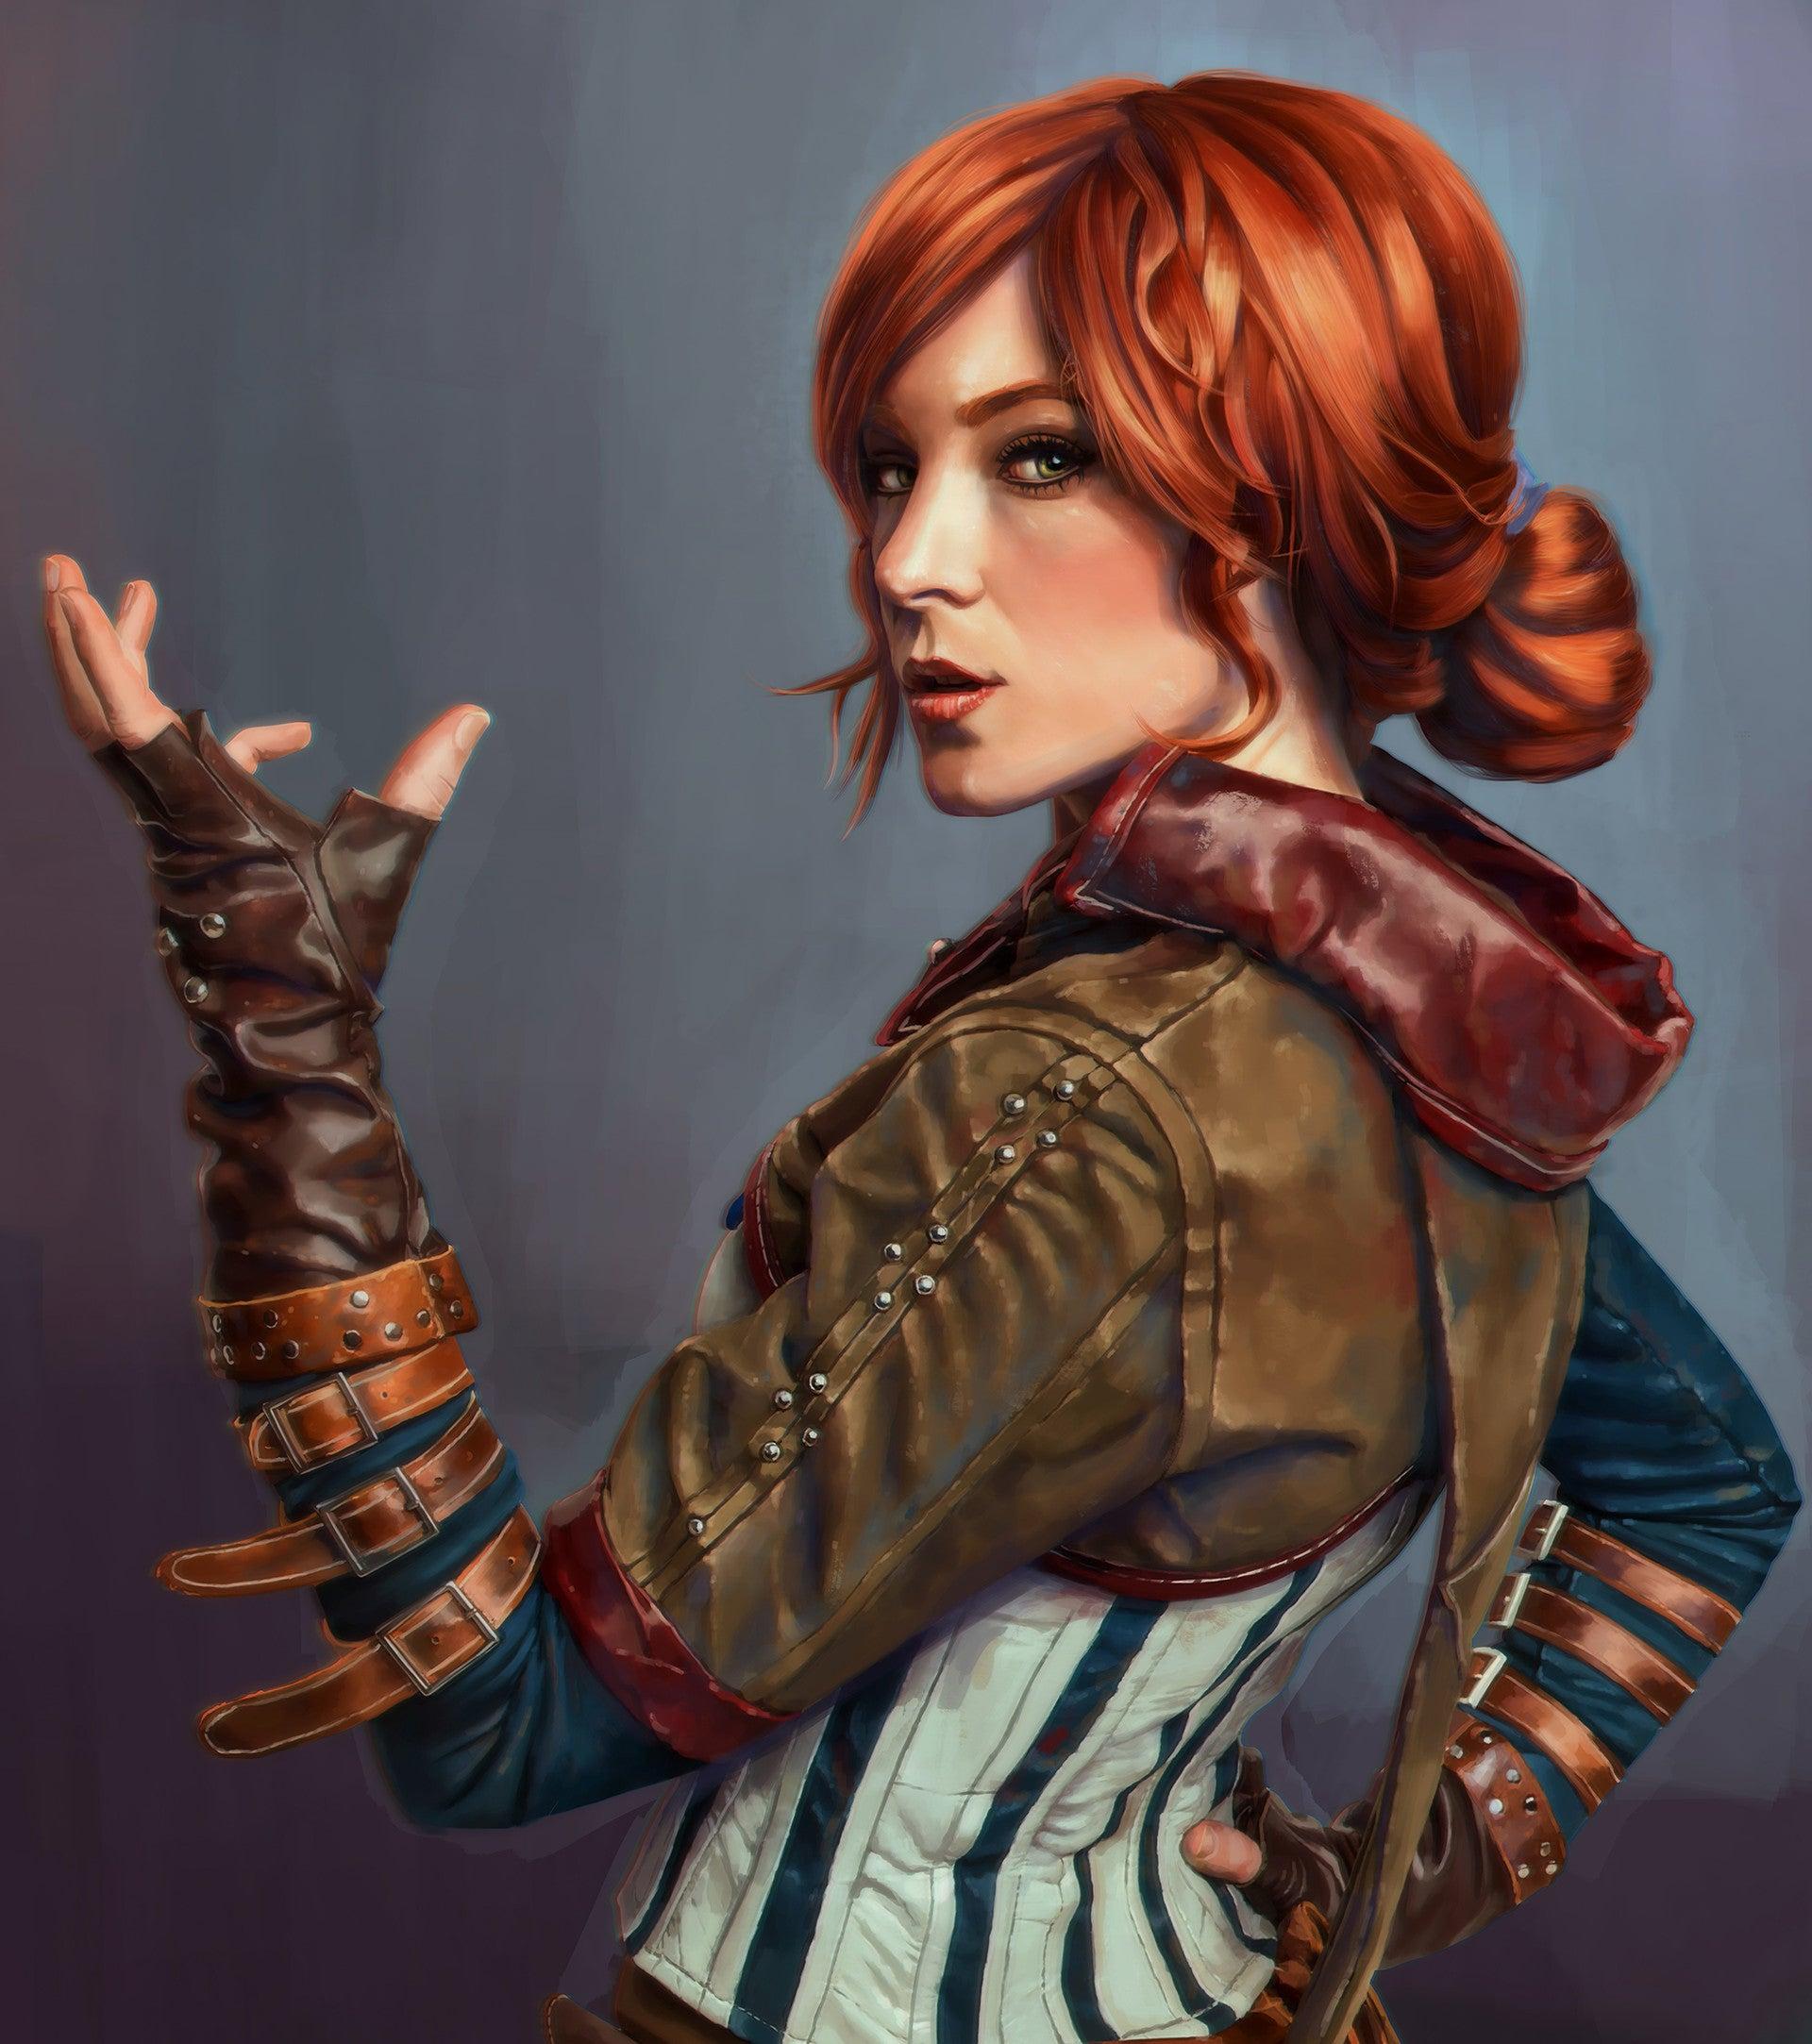 Fine Art: Finding True Love Through League Of Legends